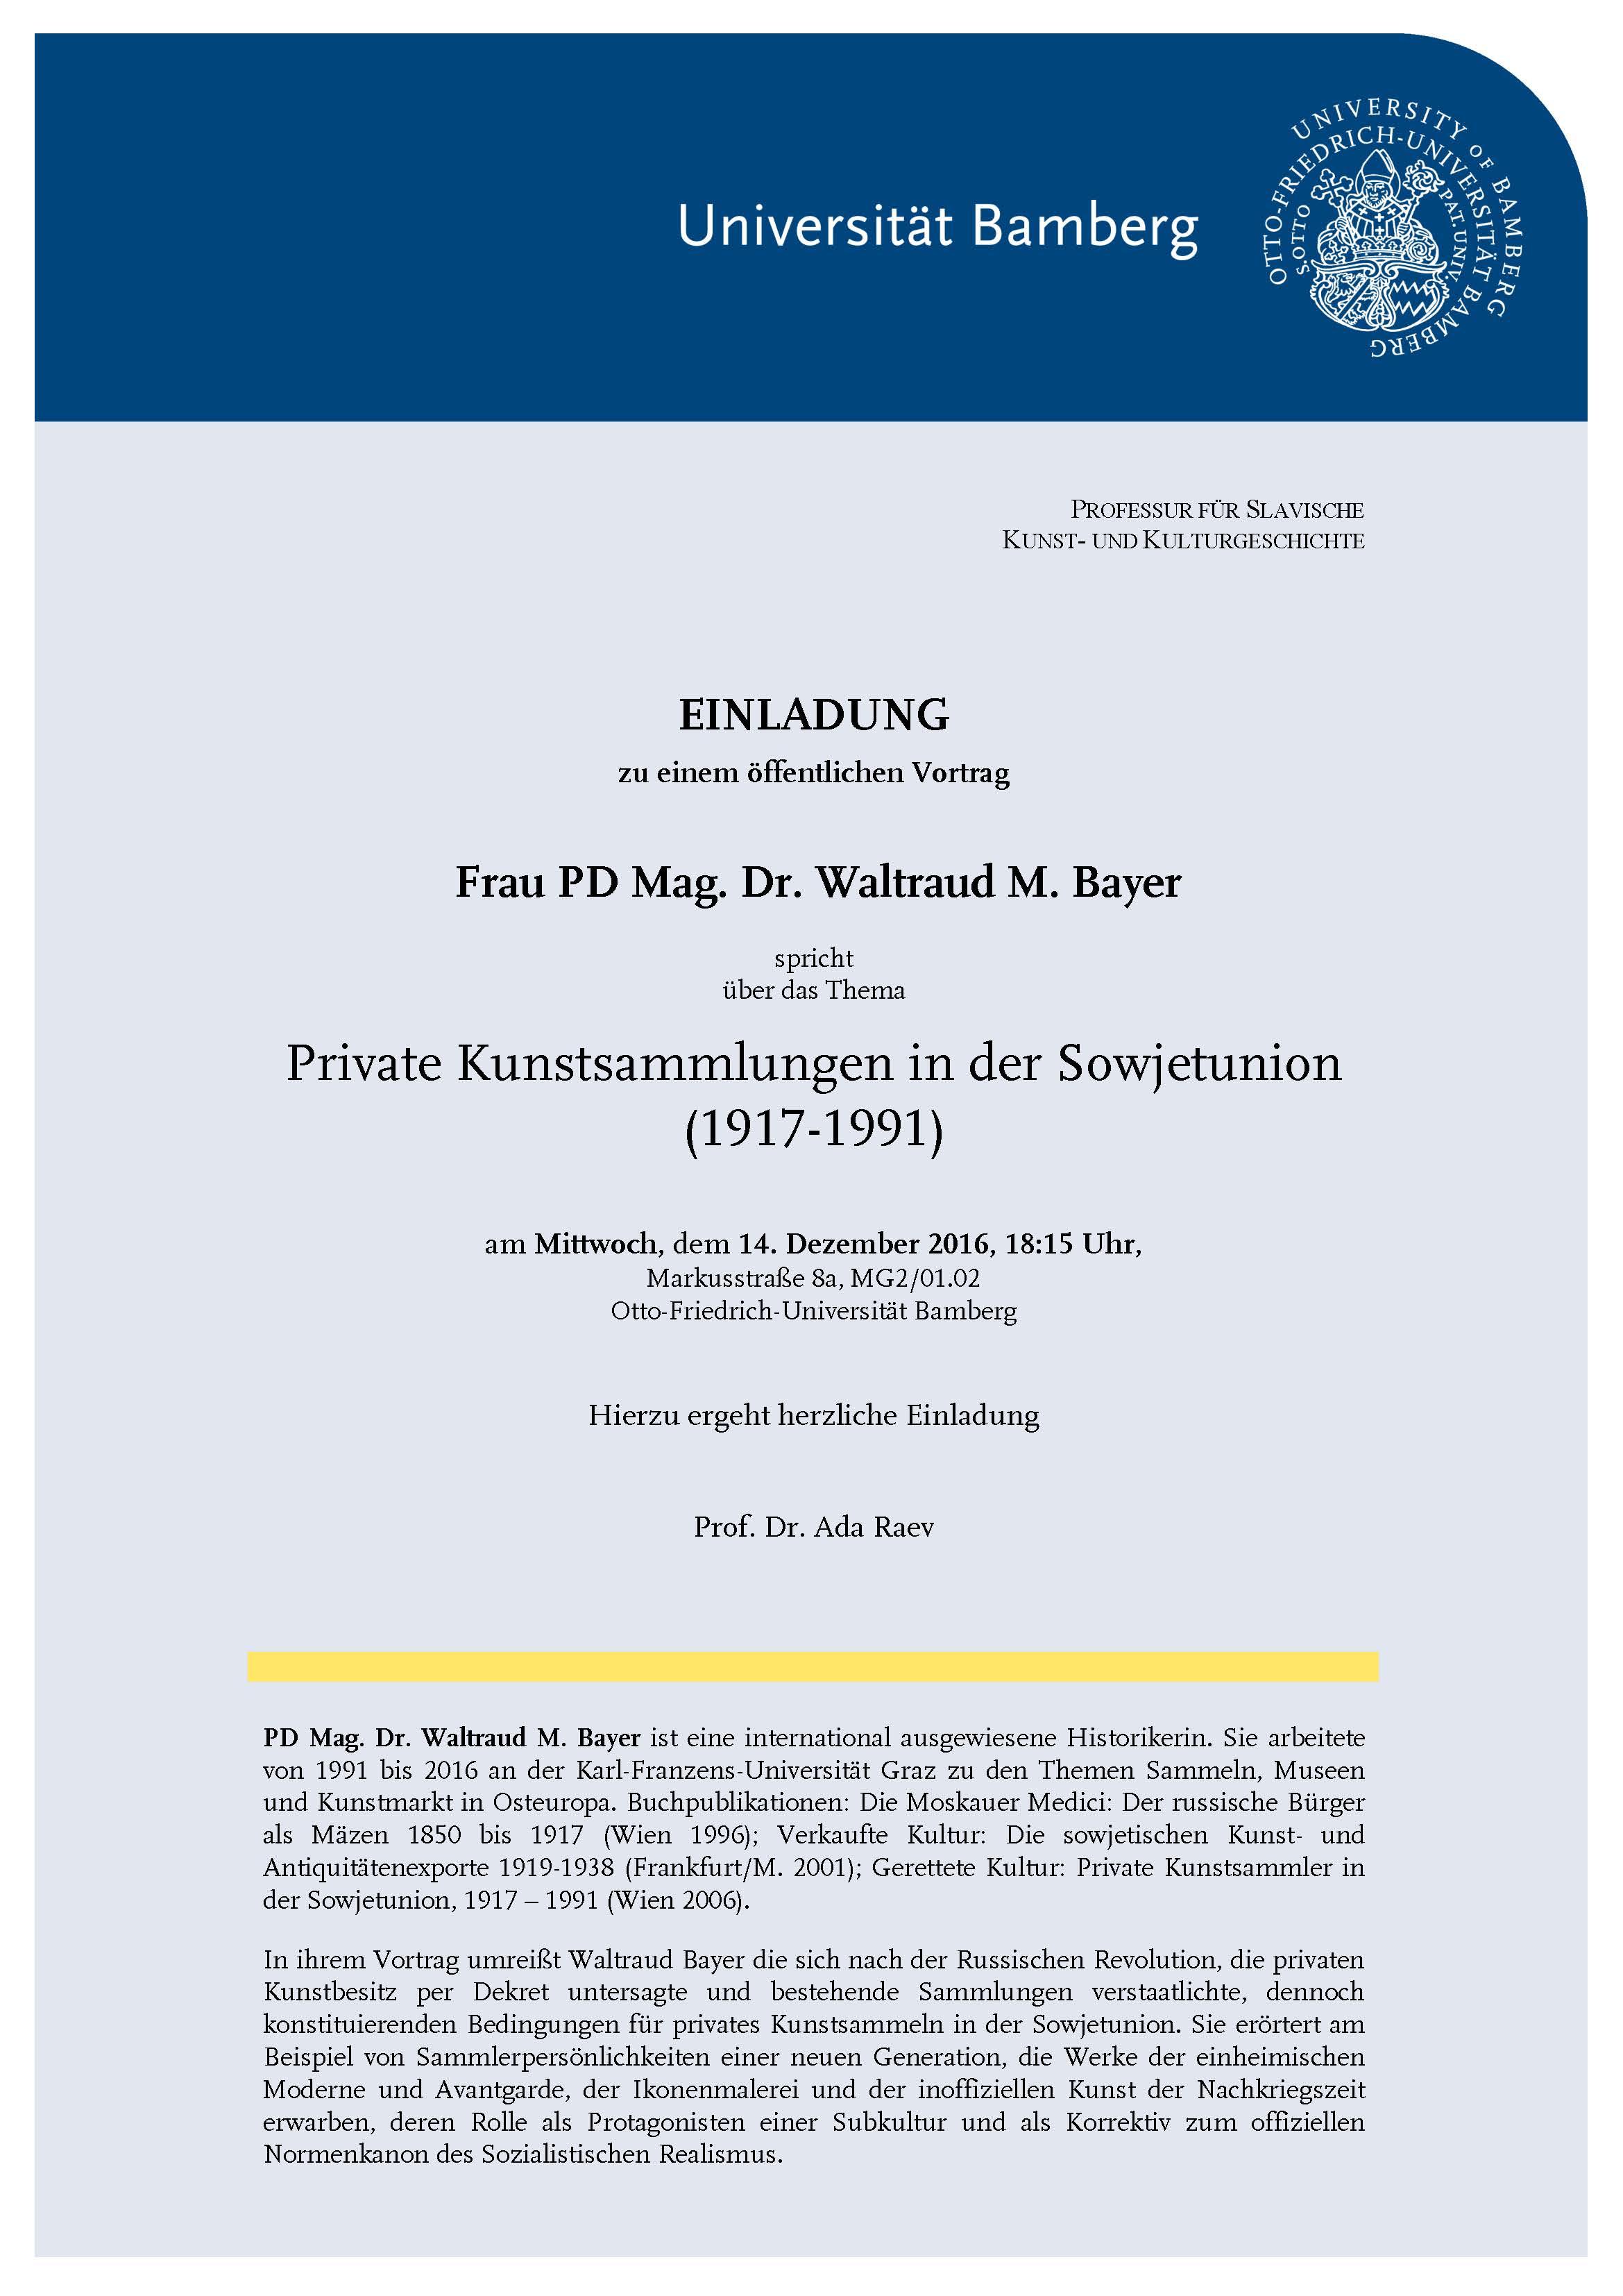 einladung zum gastvortrag - otto-friedrich-universität bamberg, Einladung